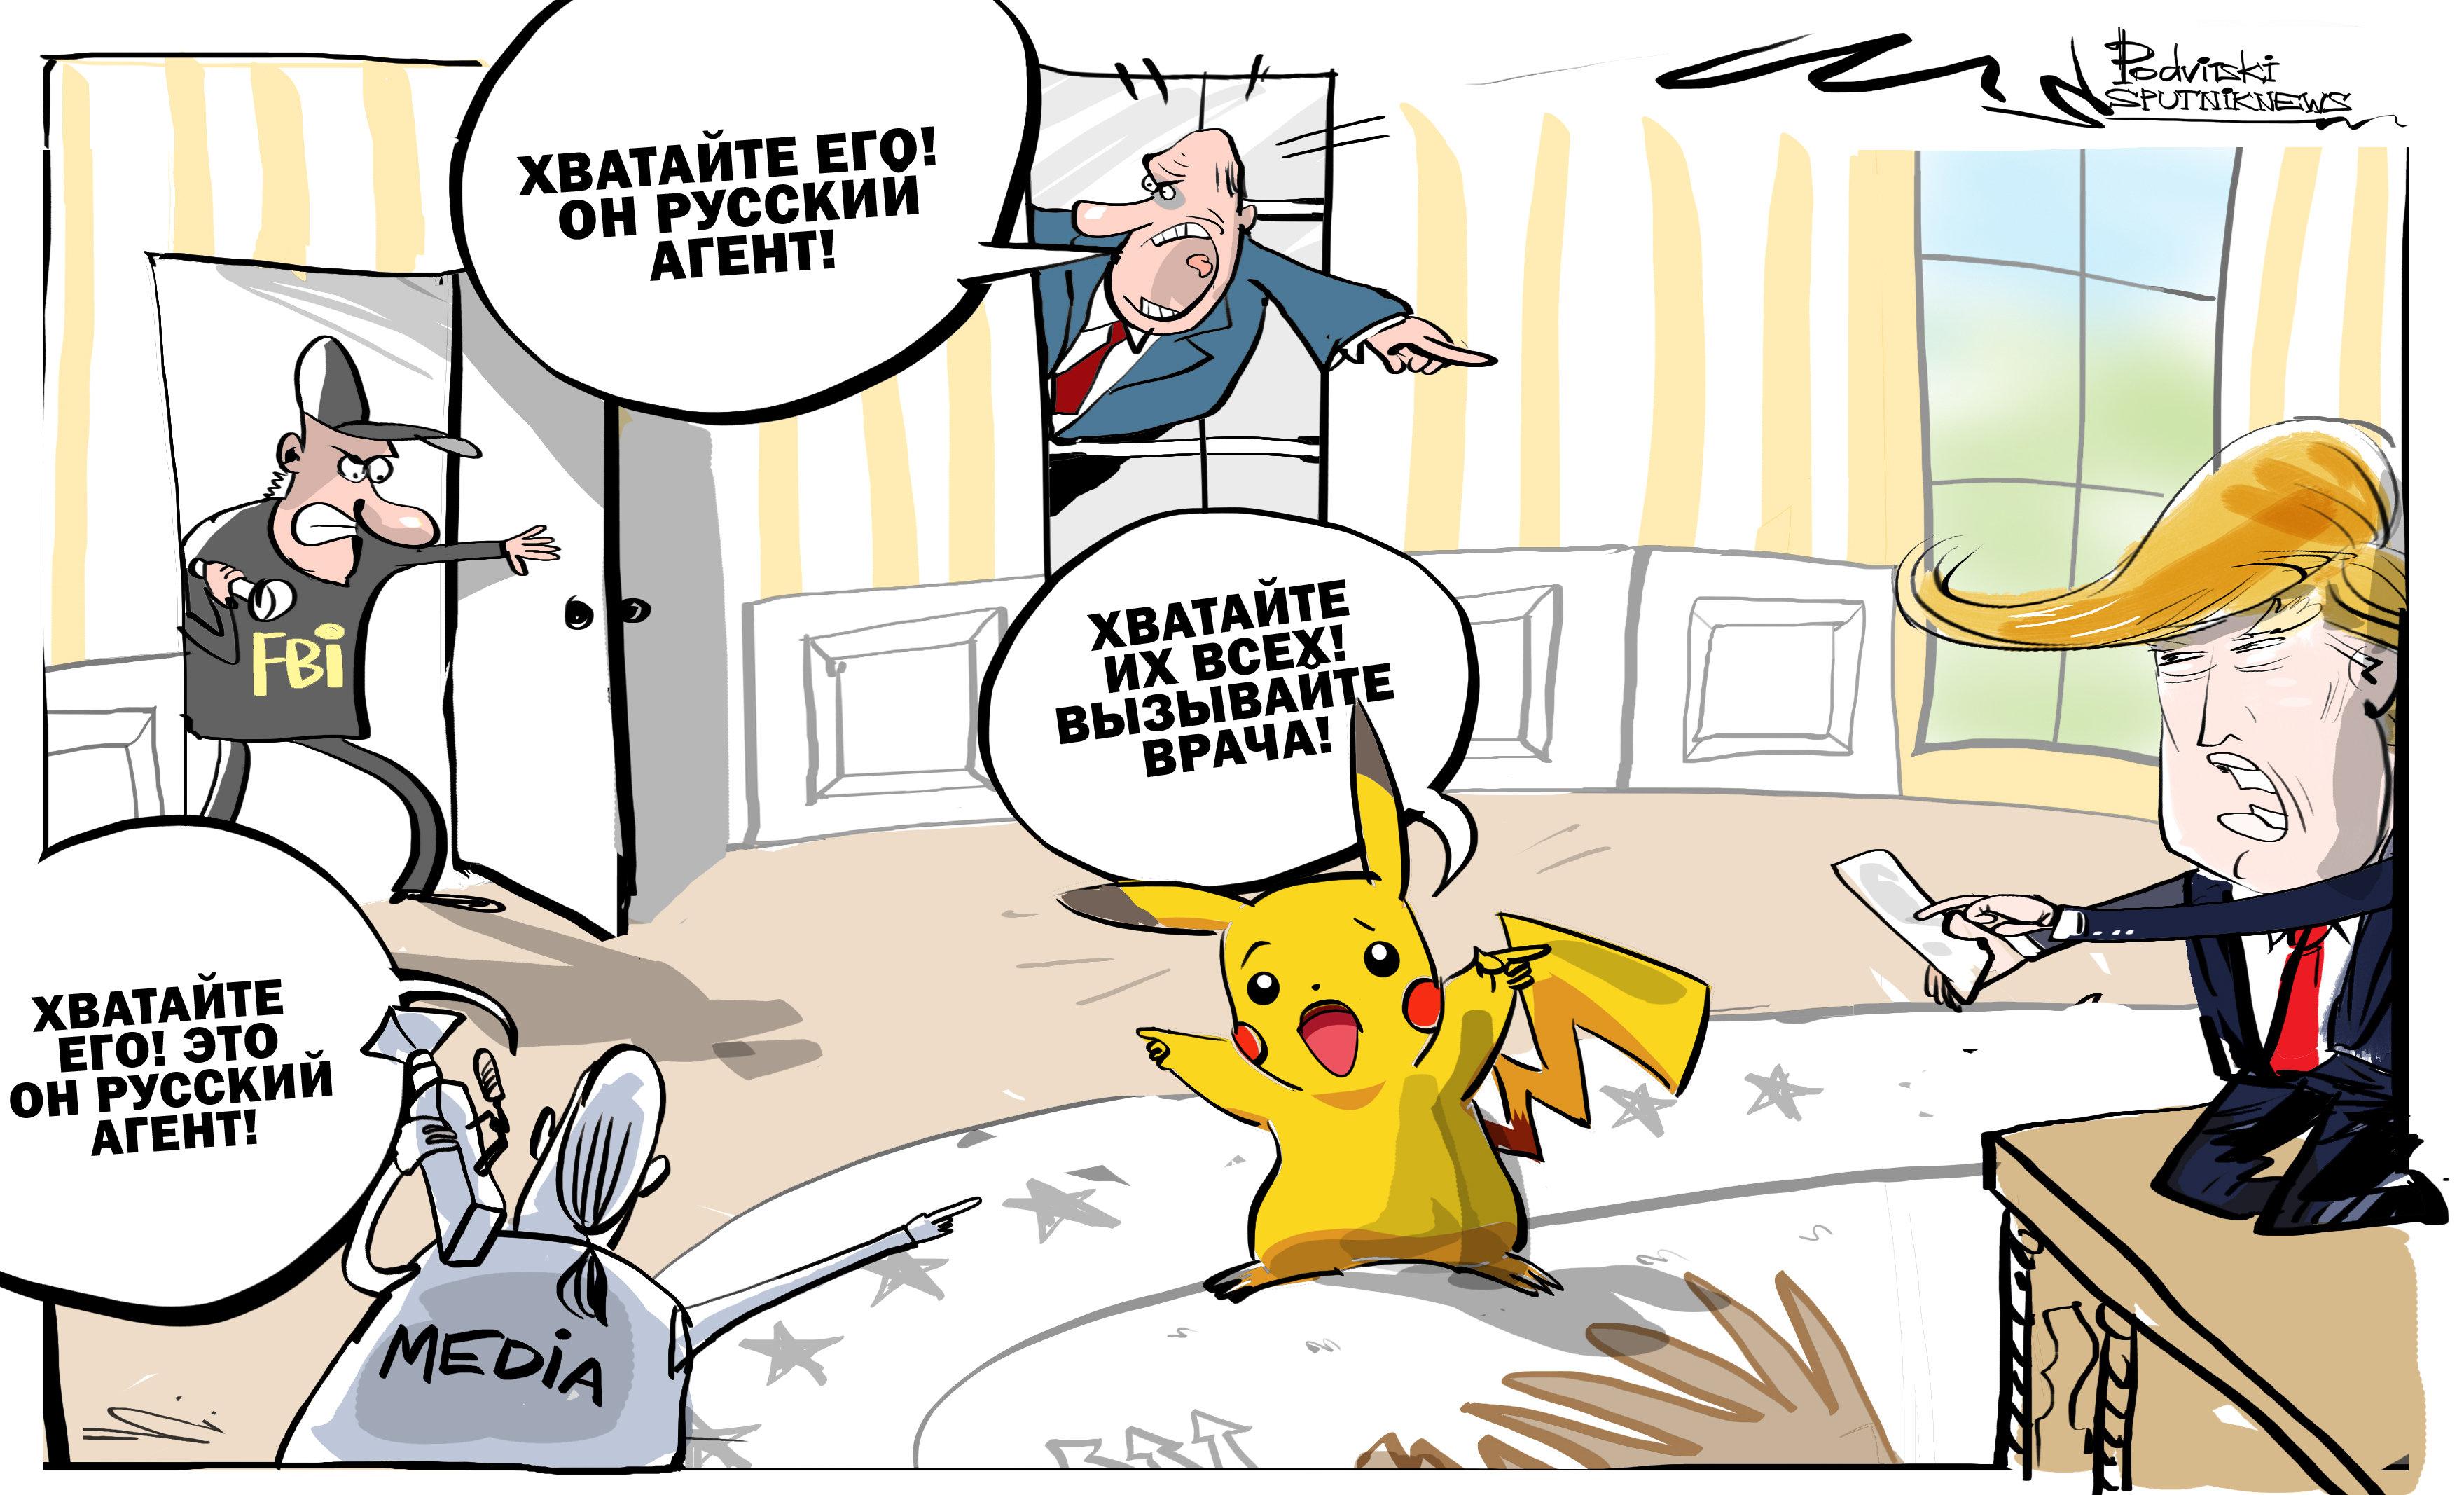 Покемон Пикачу угрожает США?